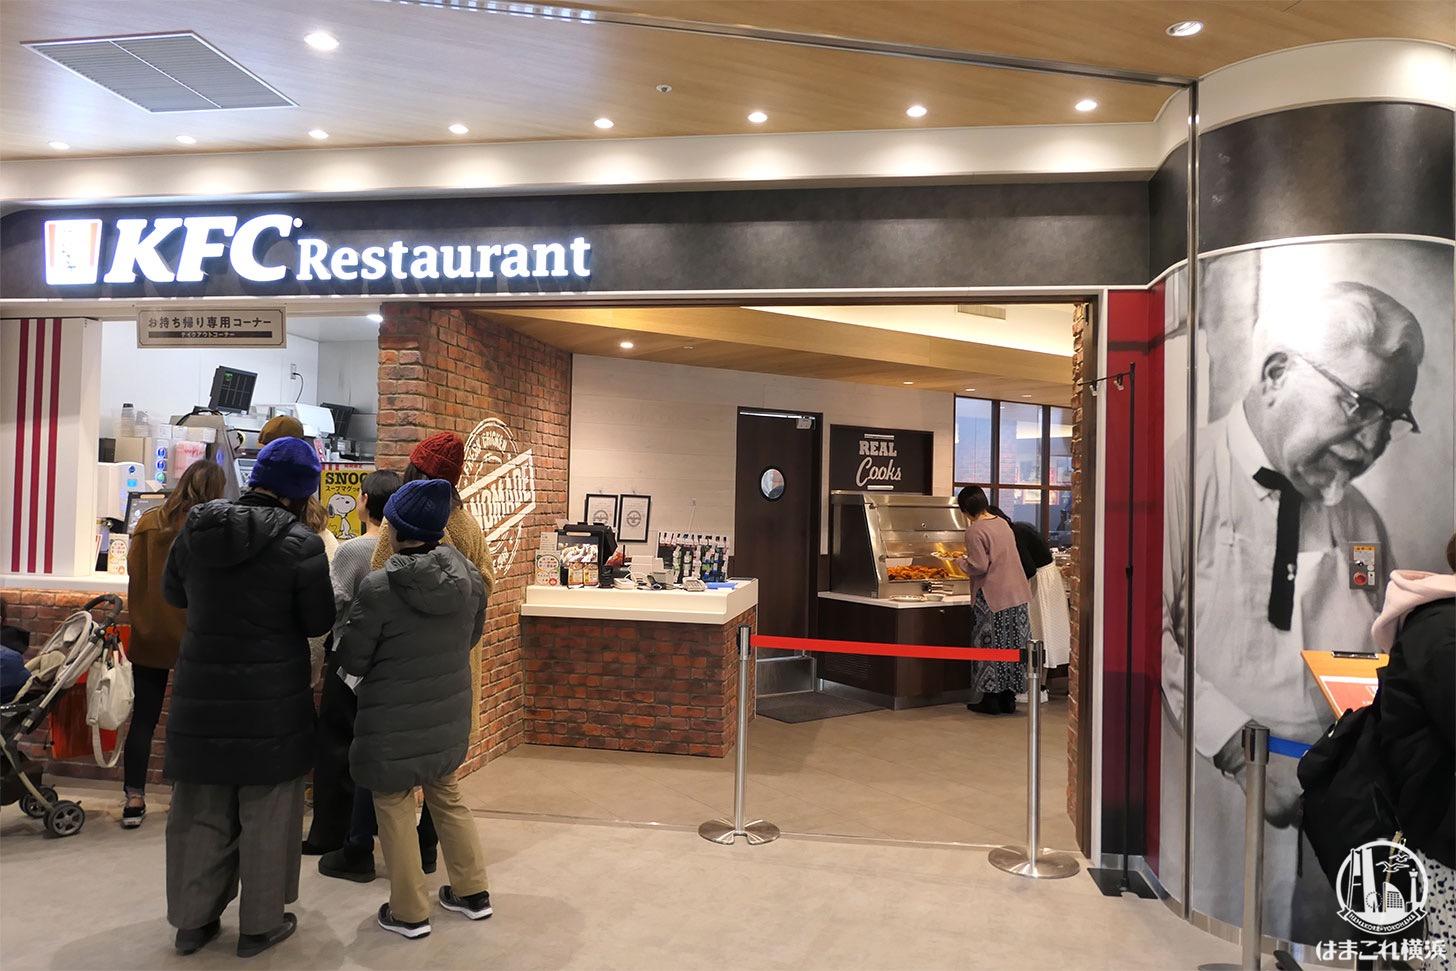 キッズディスカバリー KFC Restaurant